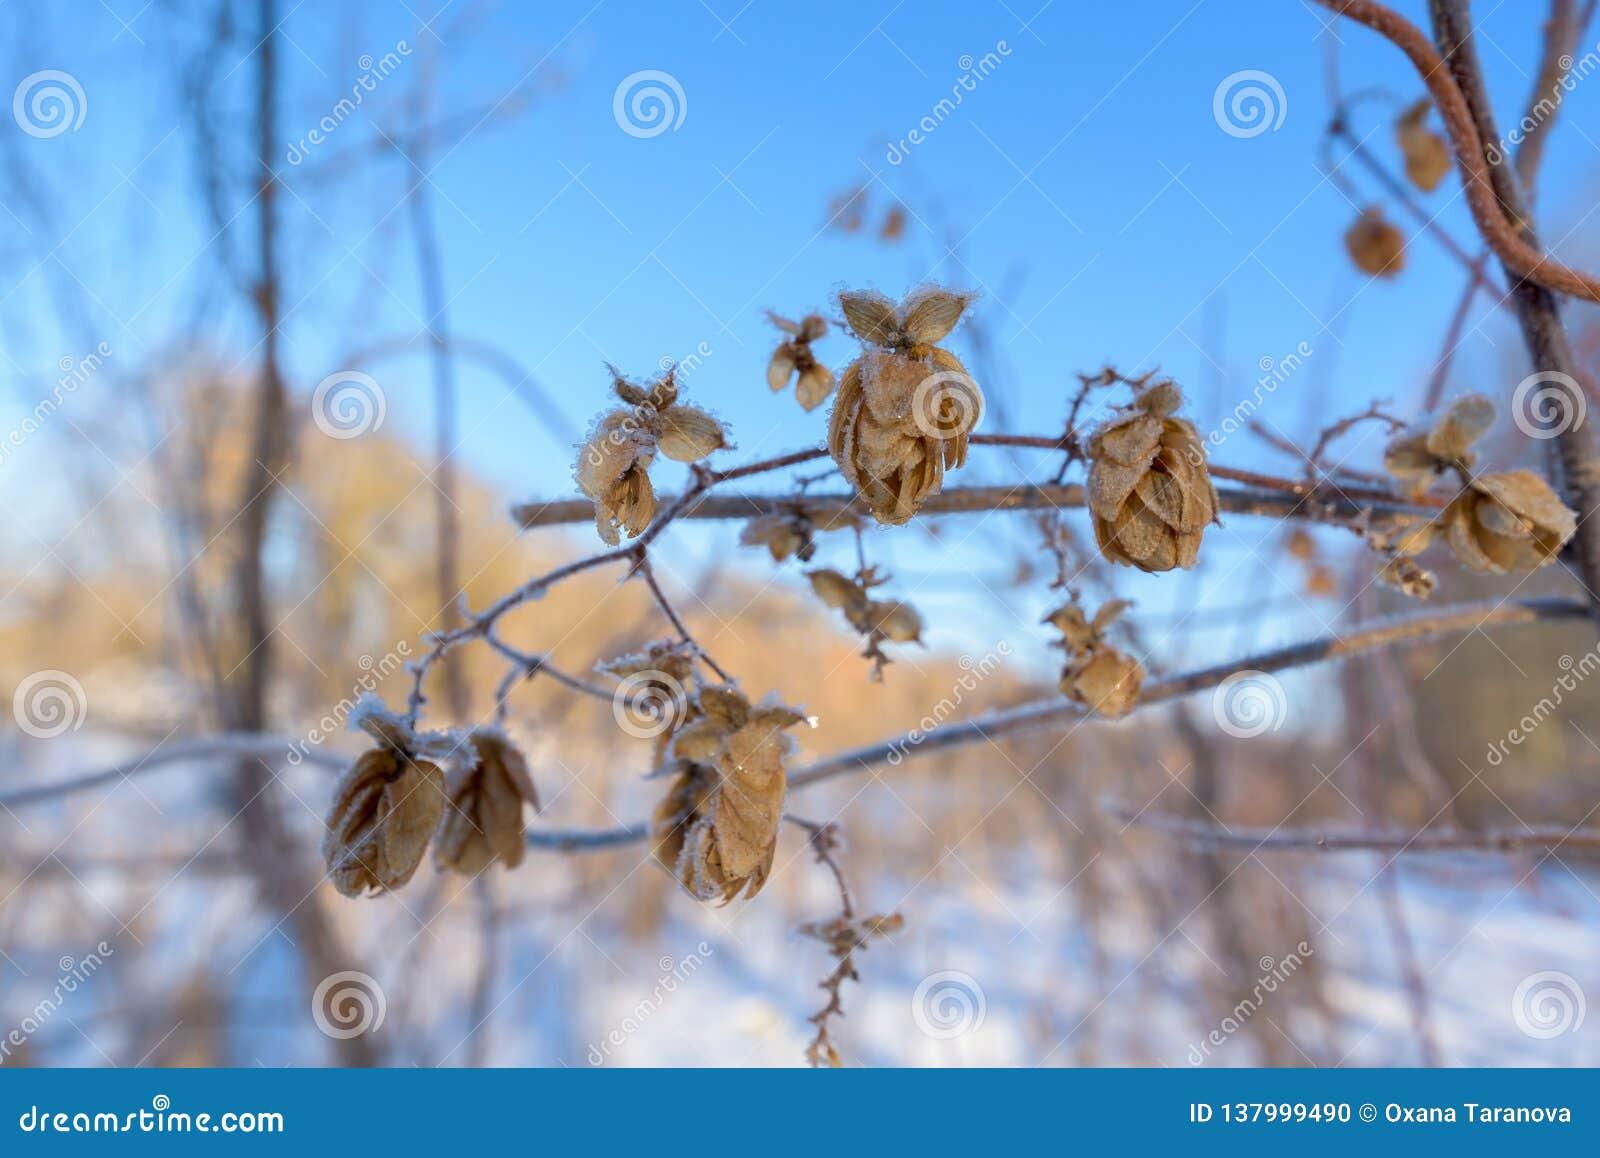 Coni di luppolo coperti di ghiaccio contro il cielo blu, giorno gelido